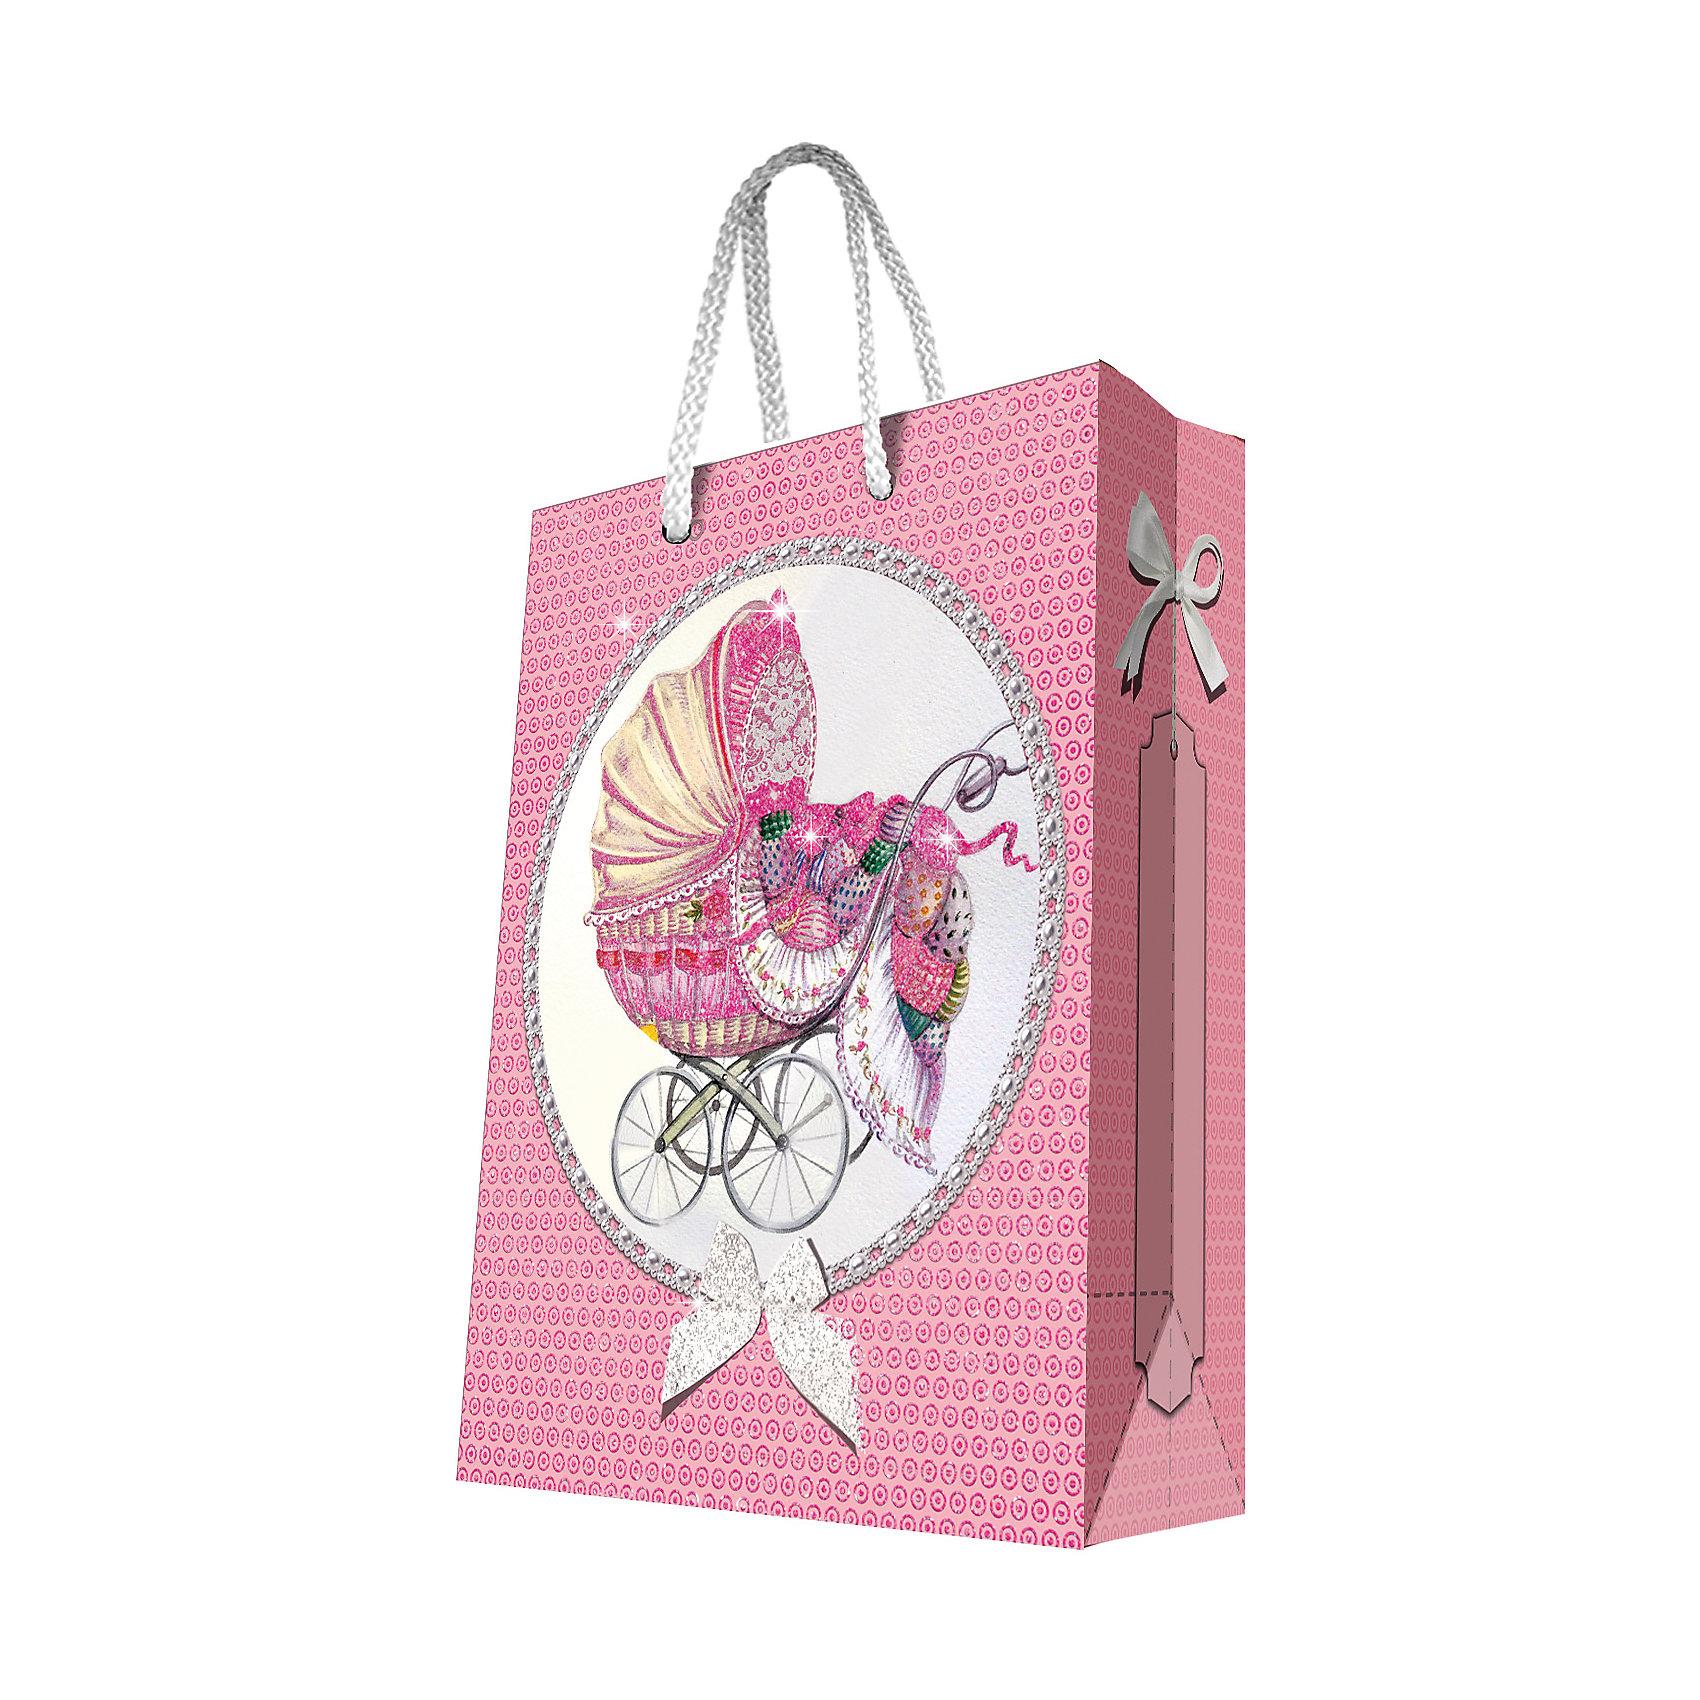 Феникс-Презент Подарочный пакет Ретро-коляска 26*32,4*12,7 см феникс презент подарочный пакет лимоны 26 32 4 12 7 см